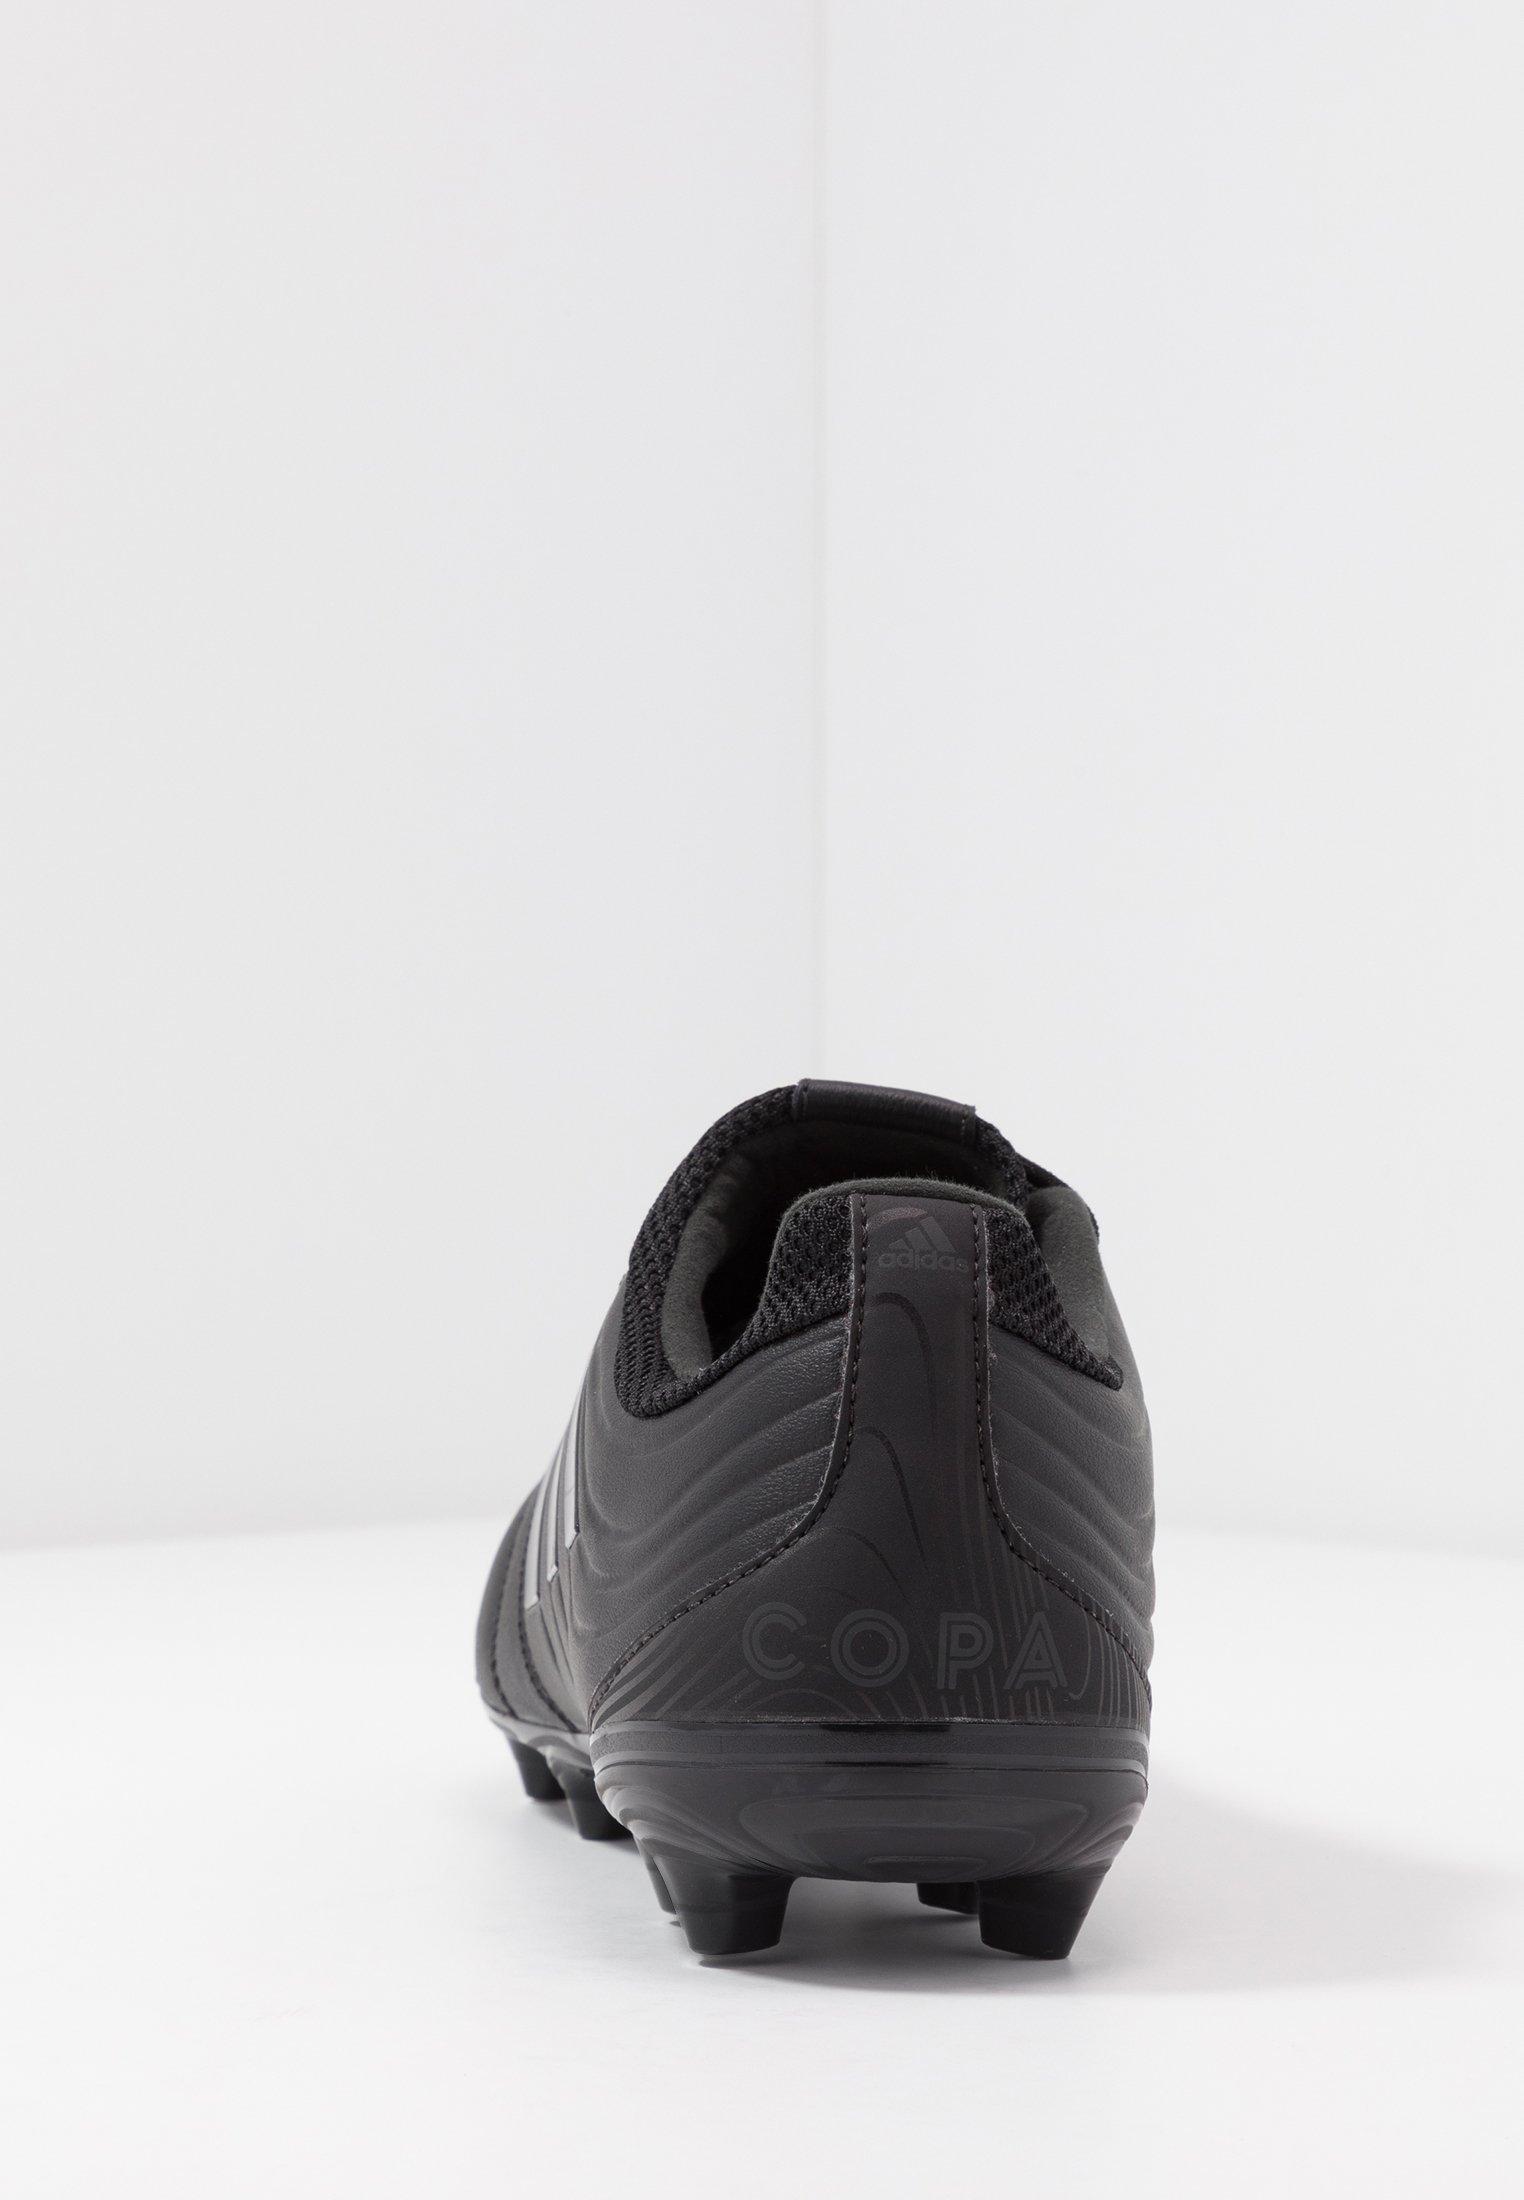 Adidas Performance Copa 20.3 Fg - Fotbollsskor Fasta Dobbar Core Black/grey